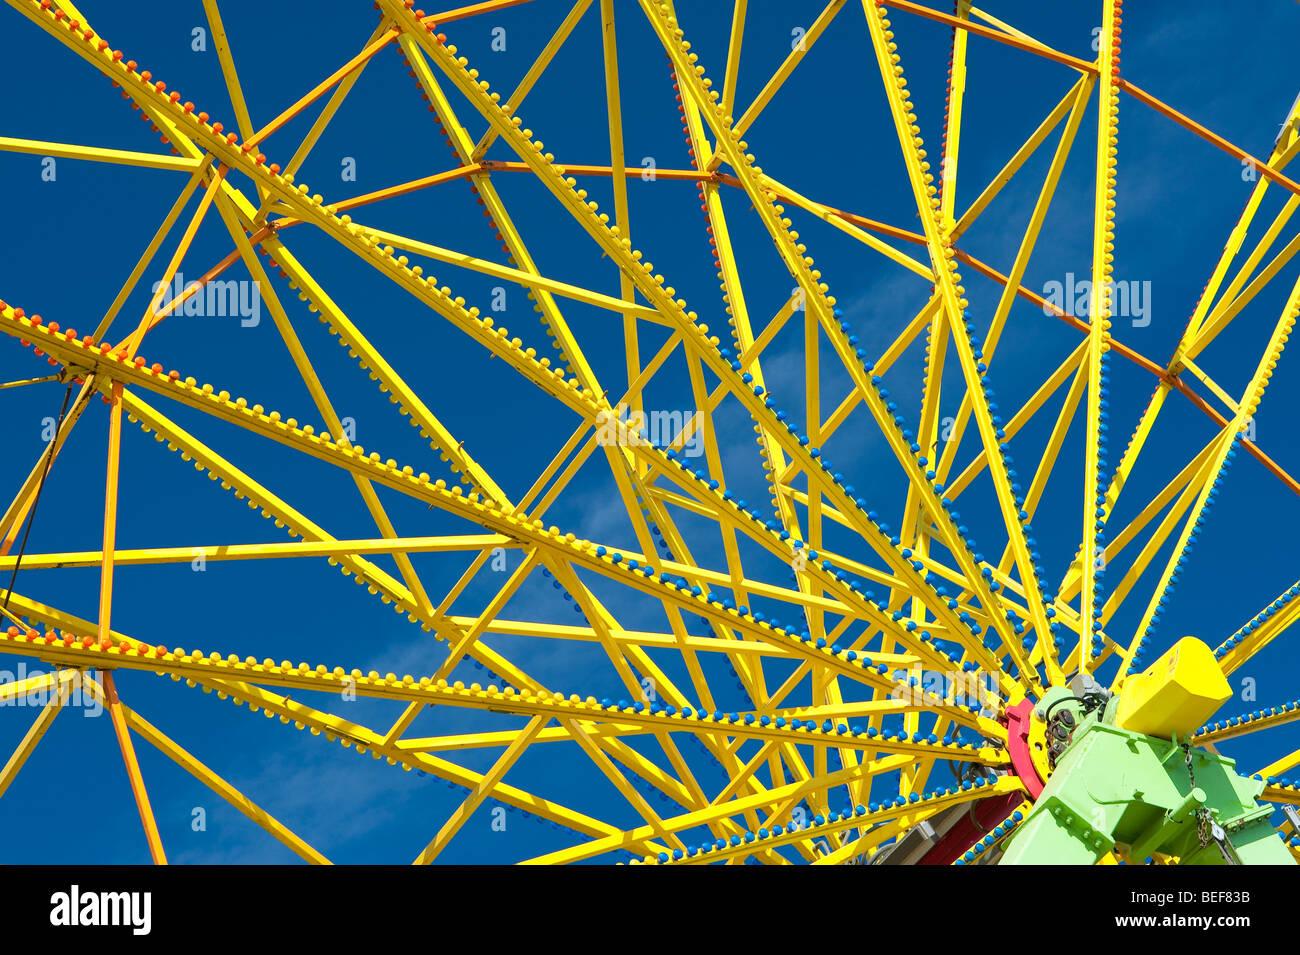 Evergreen State Fair in der Nähe der Speichen auf der gelbe Riesenrad Monroe Washington State USA Stockbild